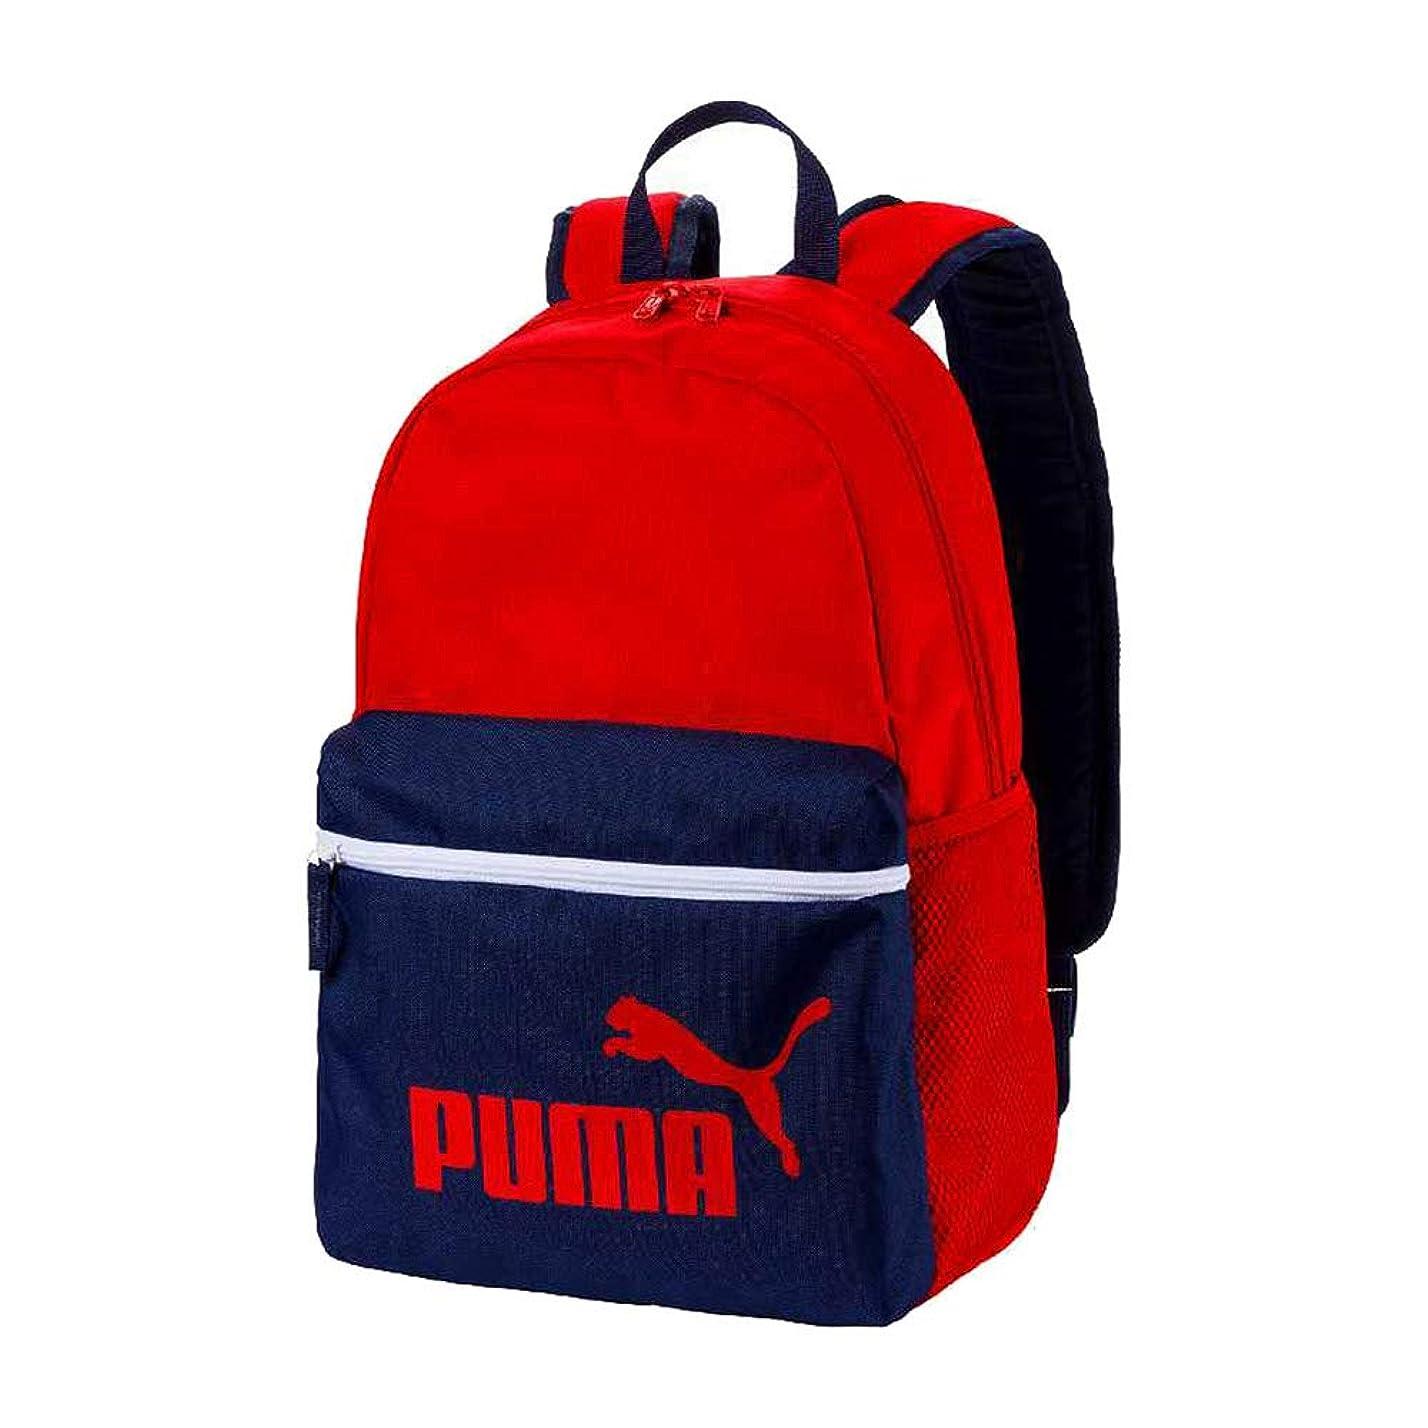 不道徳従来の日記PUMA(プーマ) スポーツバッグ プーマ フェイズ バックパック 22L リュック 075487